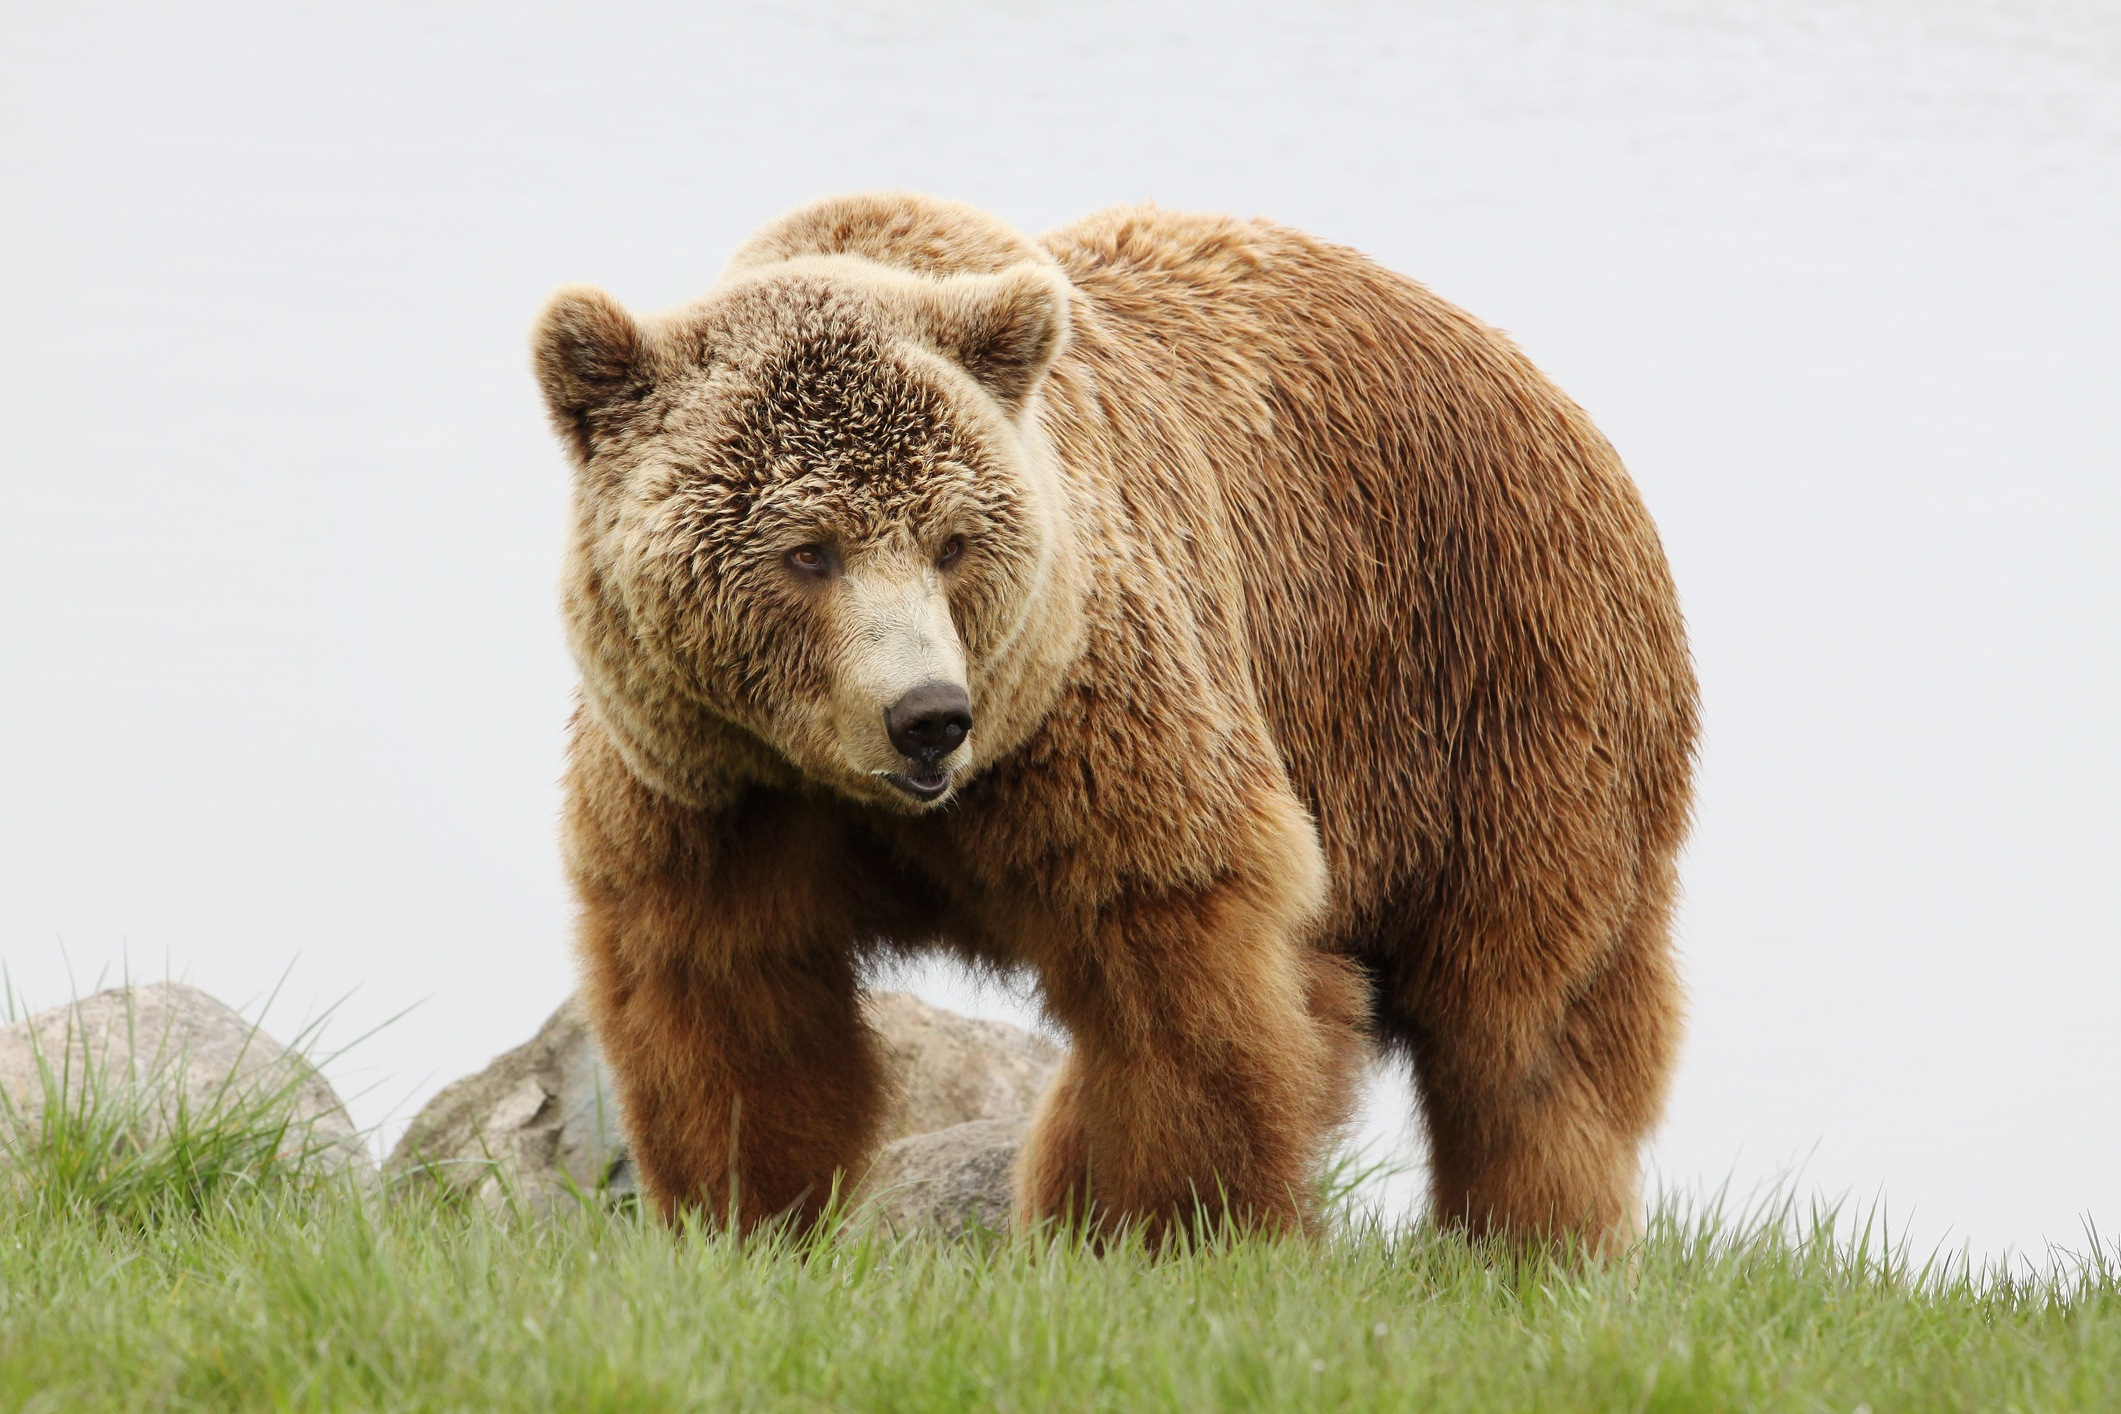 Brown bear in nature